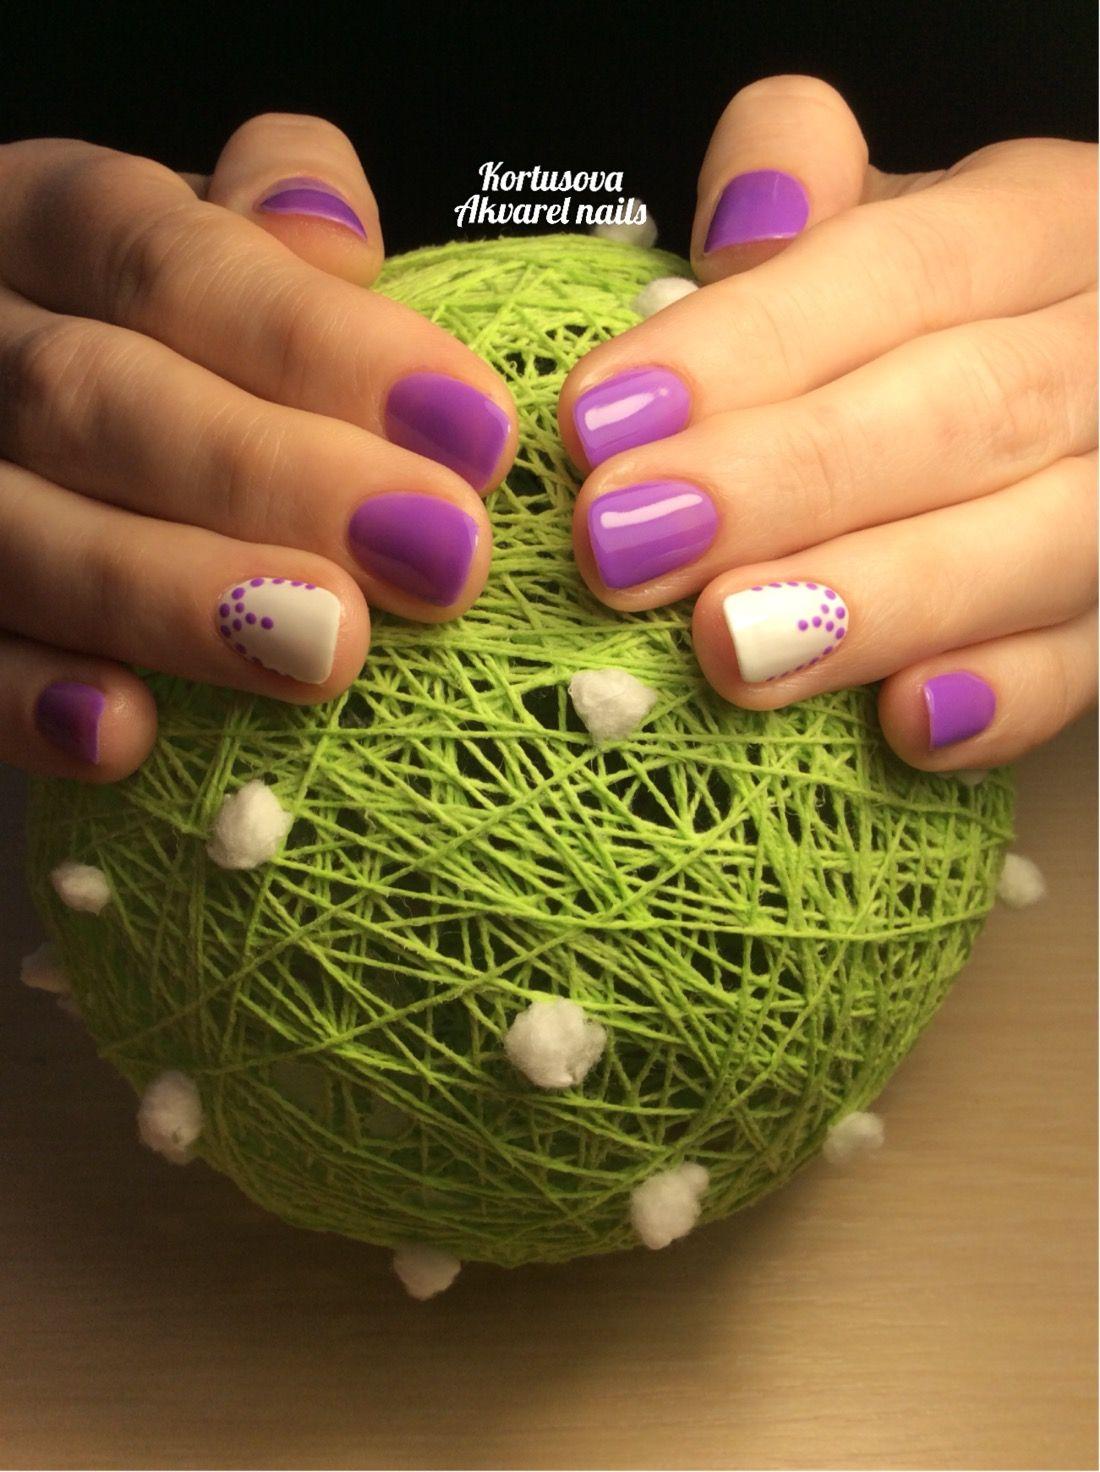 Pin de Nataly Villegas en Uñas | Pinterest | Diseños de uñas, Arte ...